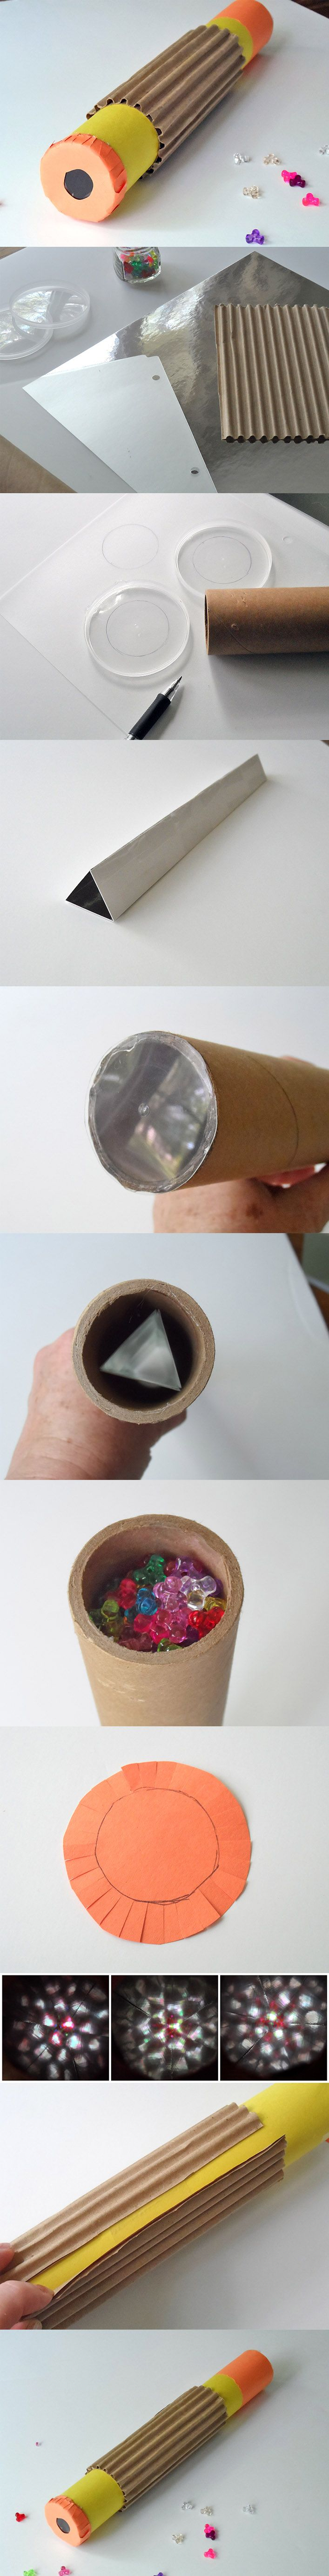 Cómo hacer un caleidoscopio casero